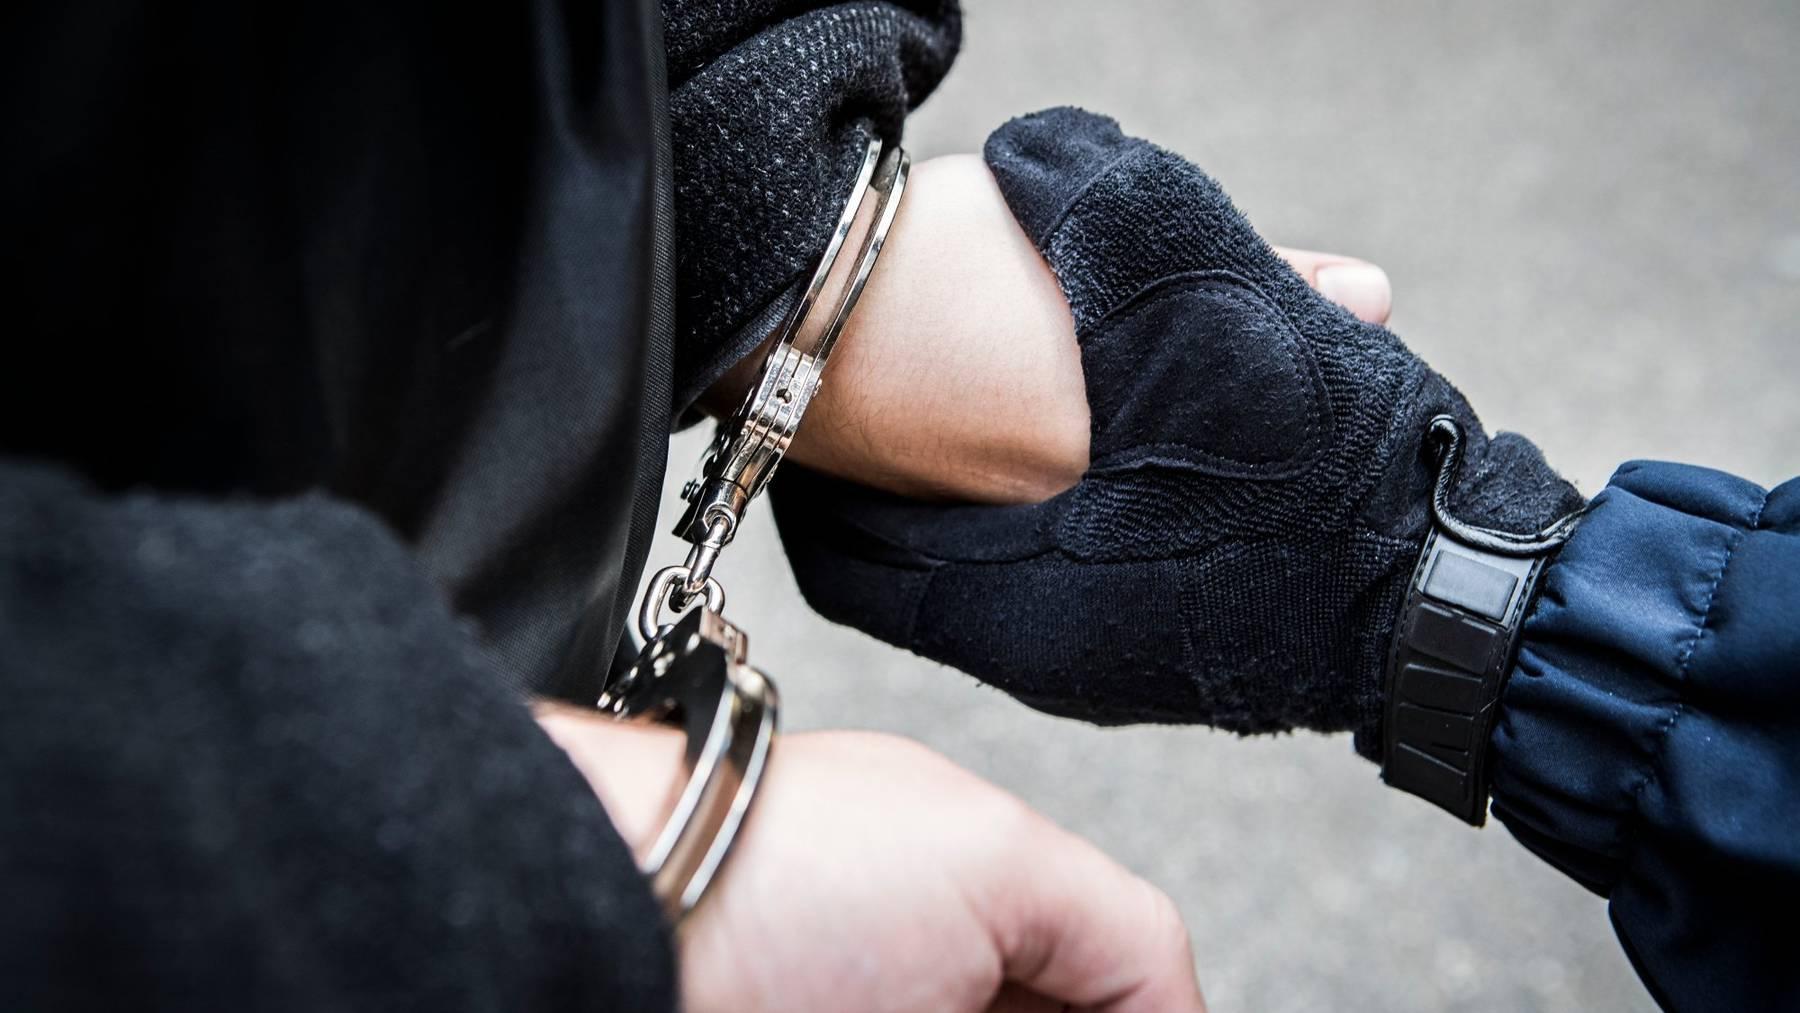 Die Stadtpolizei St.Gallen konnte vier Männer verhaften, die mit einem Luftgewehr herumschossen. (Symbolbild)